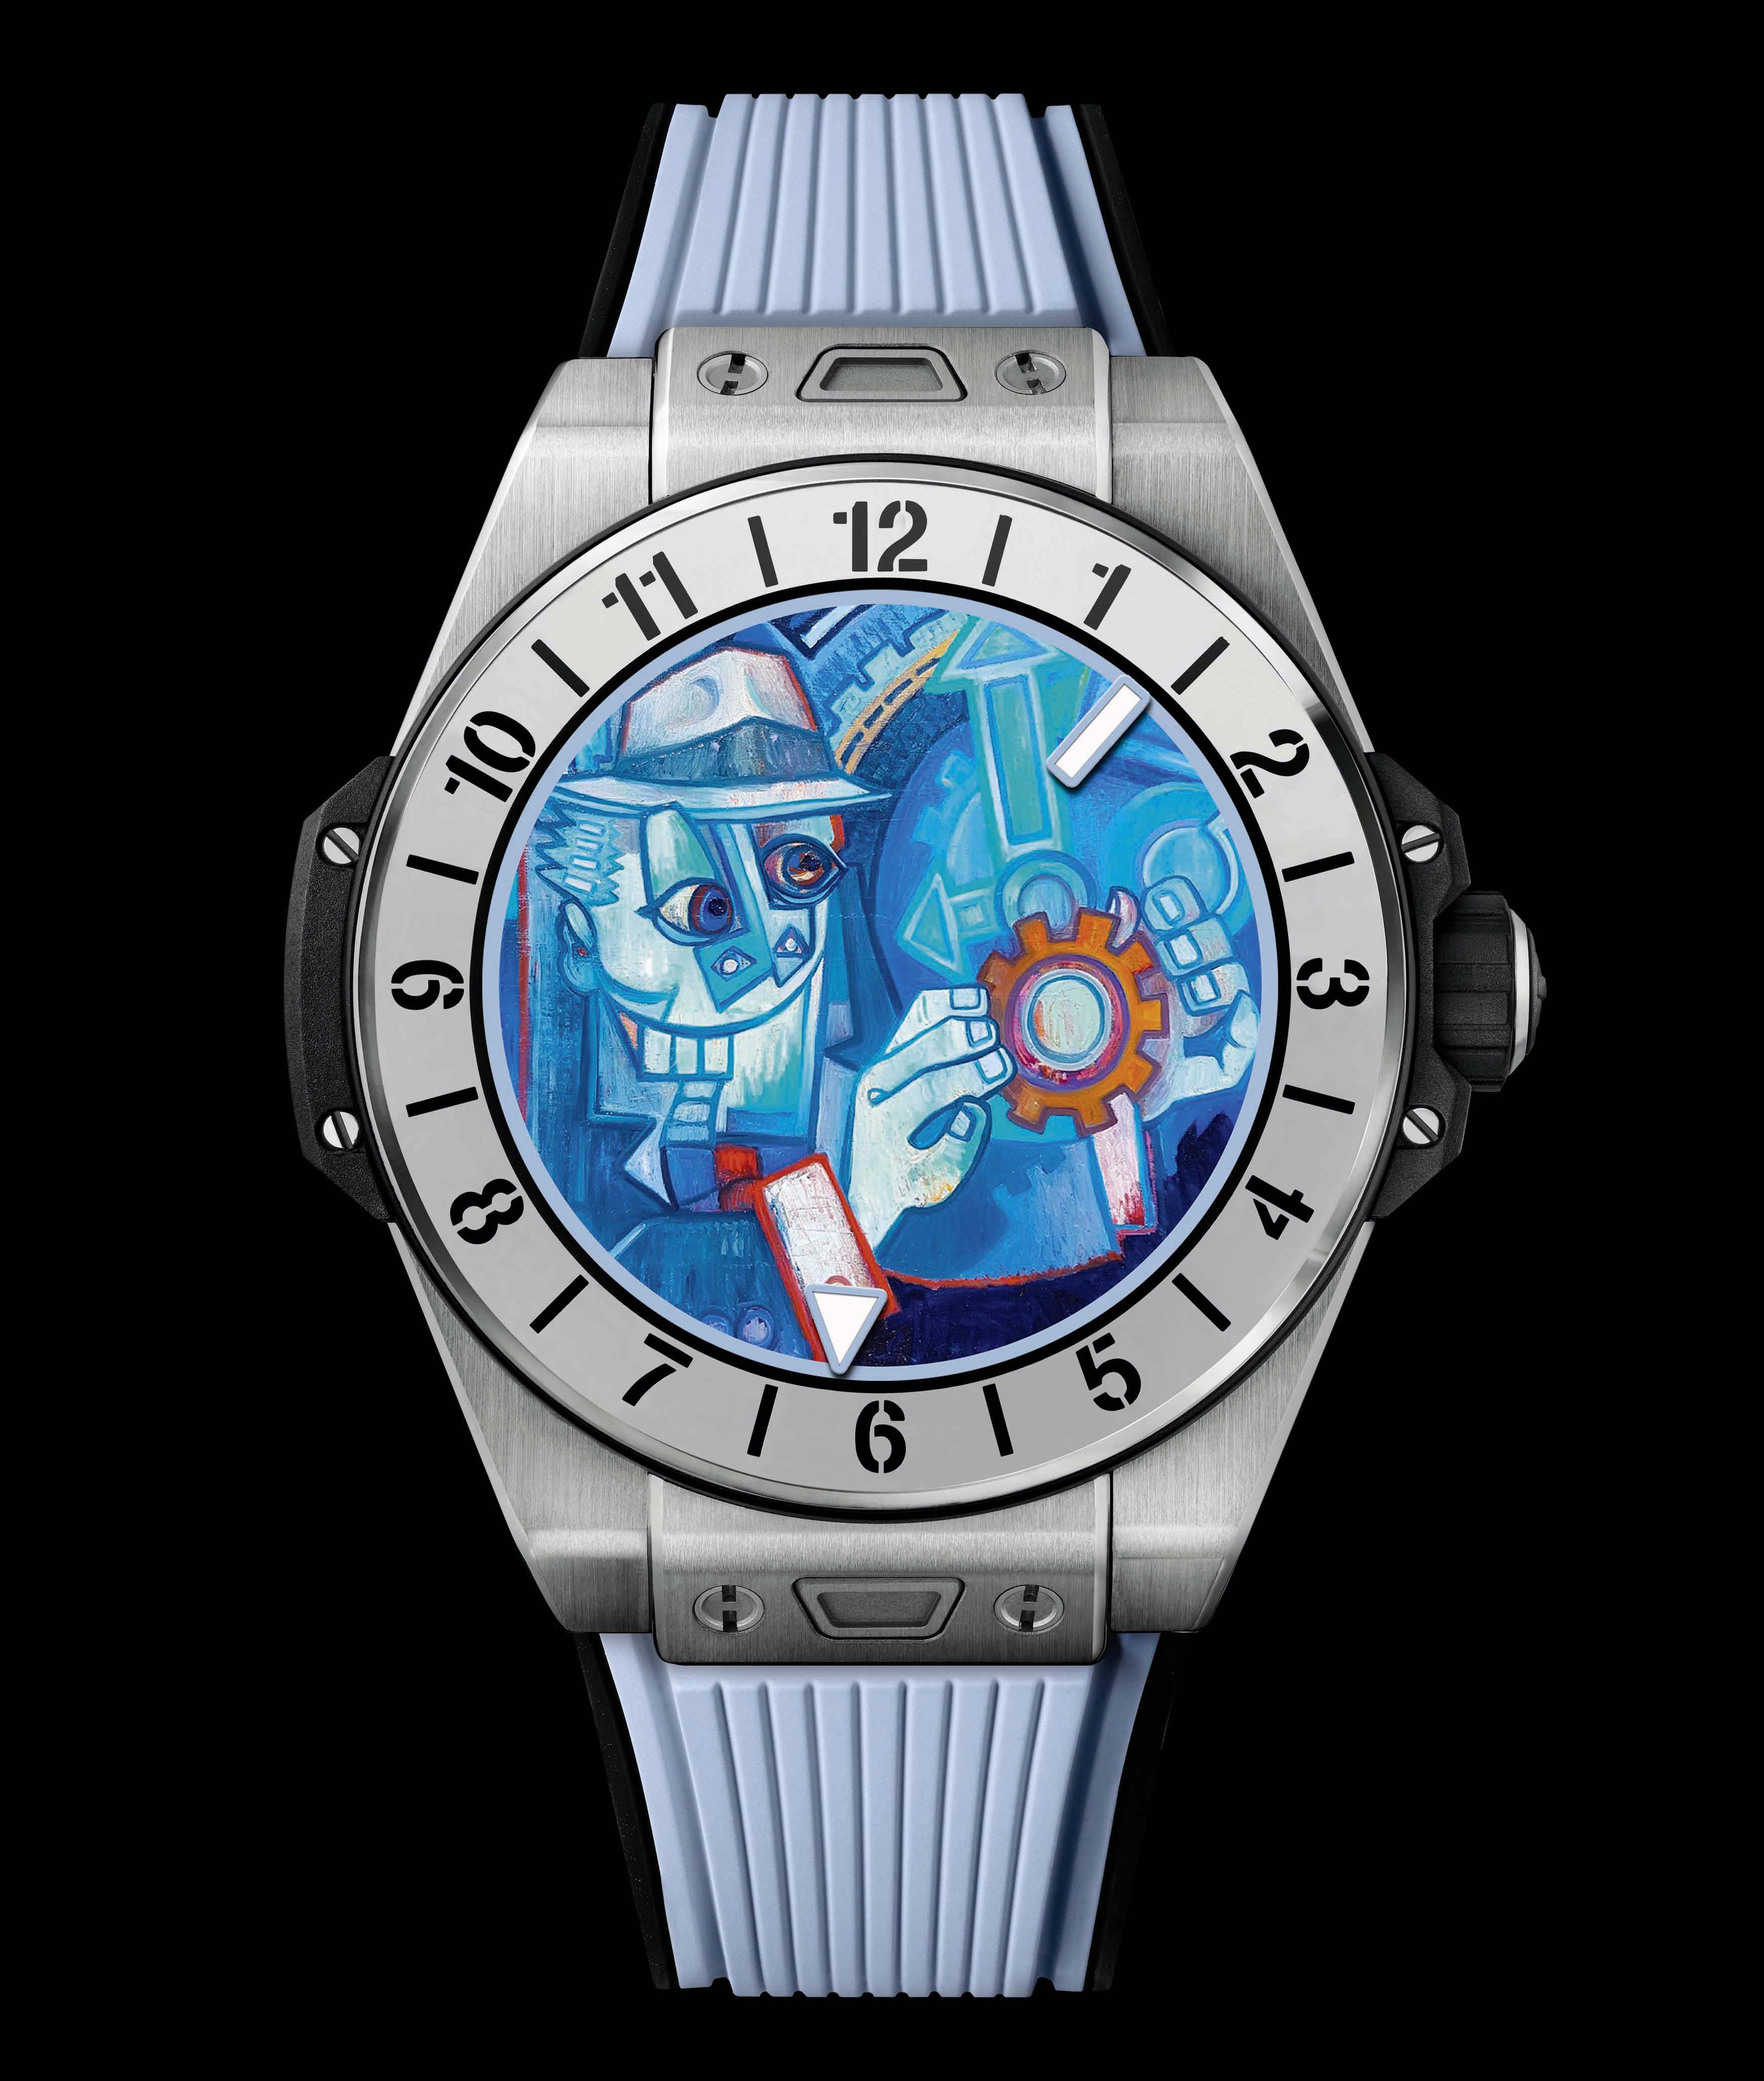 440.NX.1100.RX 18H 21H MAGIC BLUE SD HR B